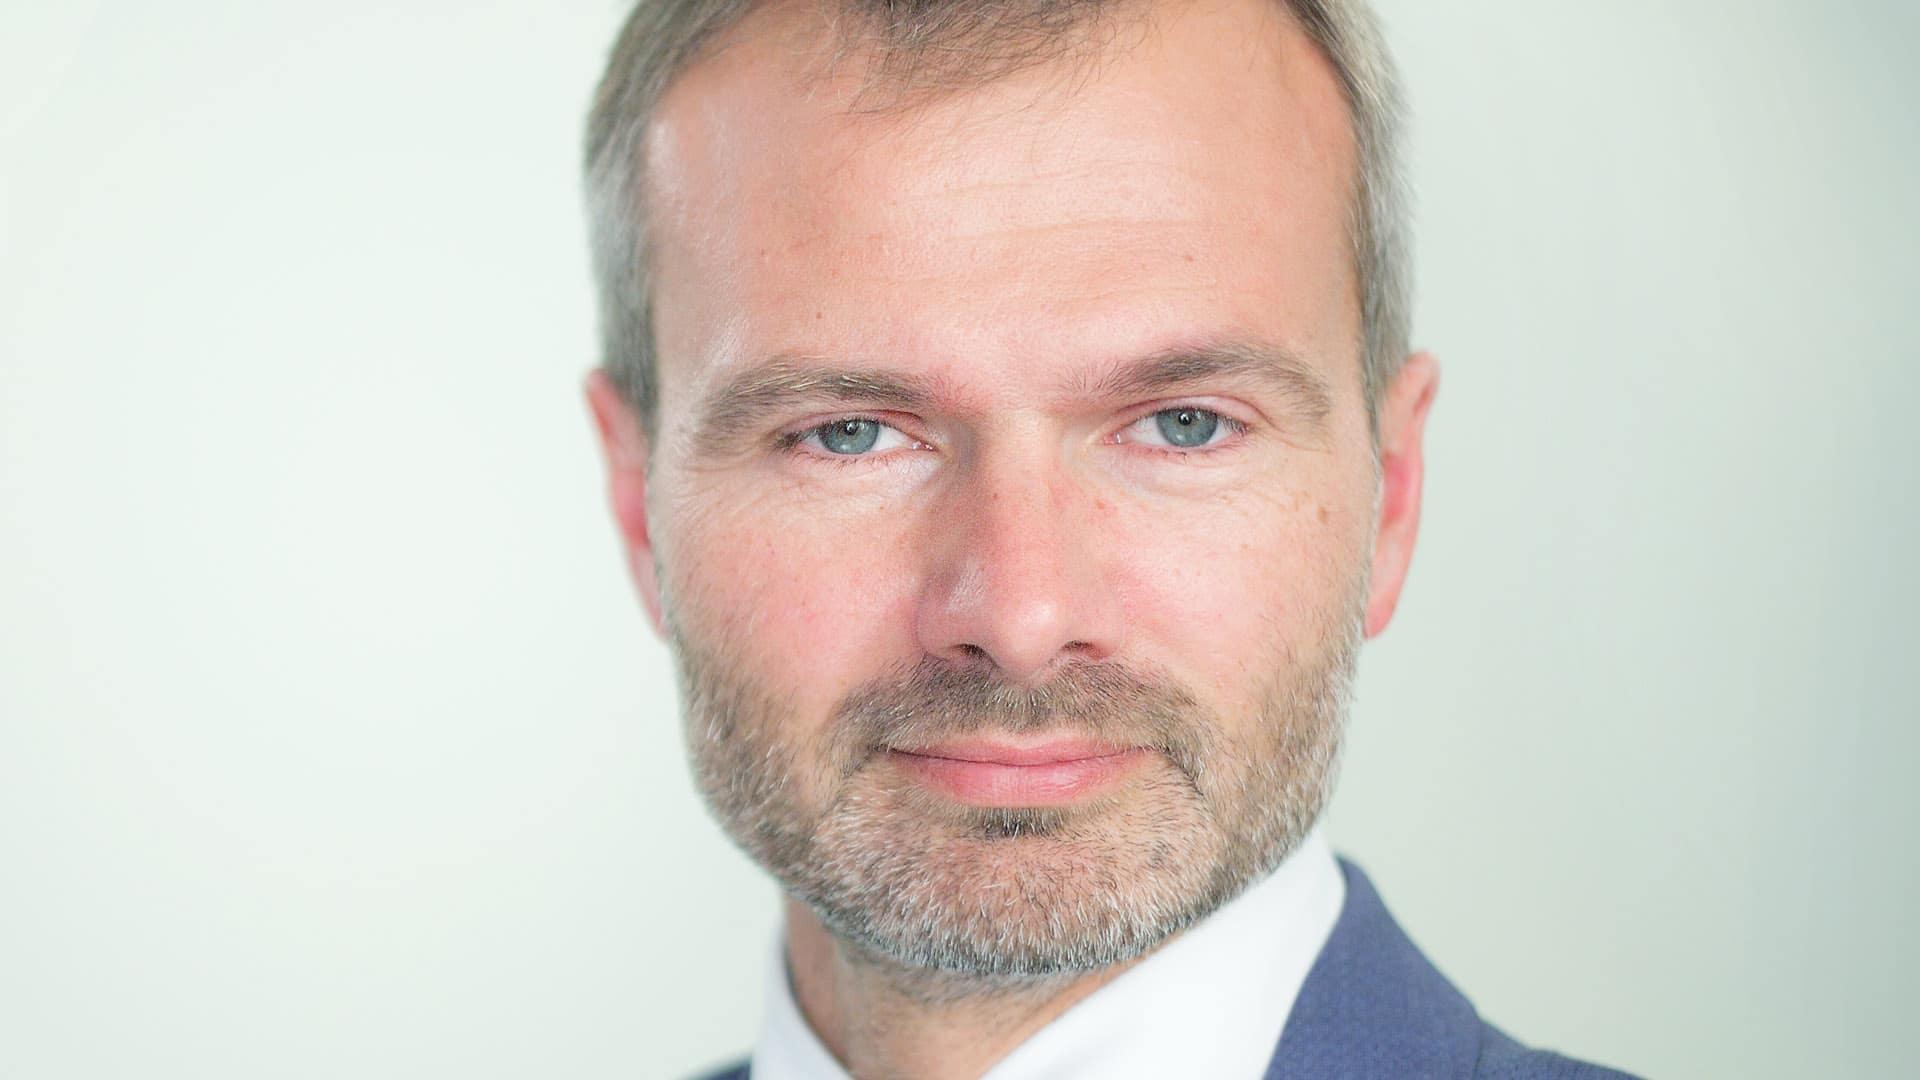 Hermann Frank, Jahrgang 1973, ist Rechtsanwalt und Strafverteidiger aus Chemnitz. Er engagiert sich in einer freien Gemeinde.